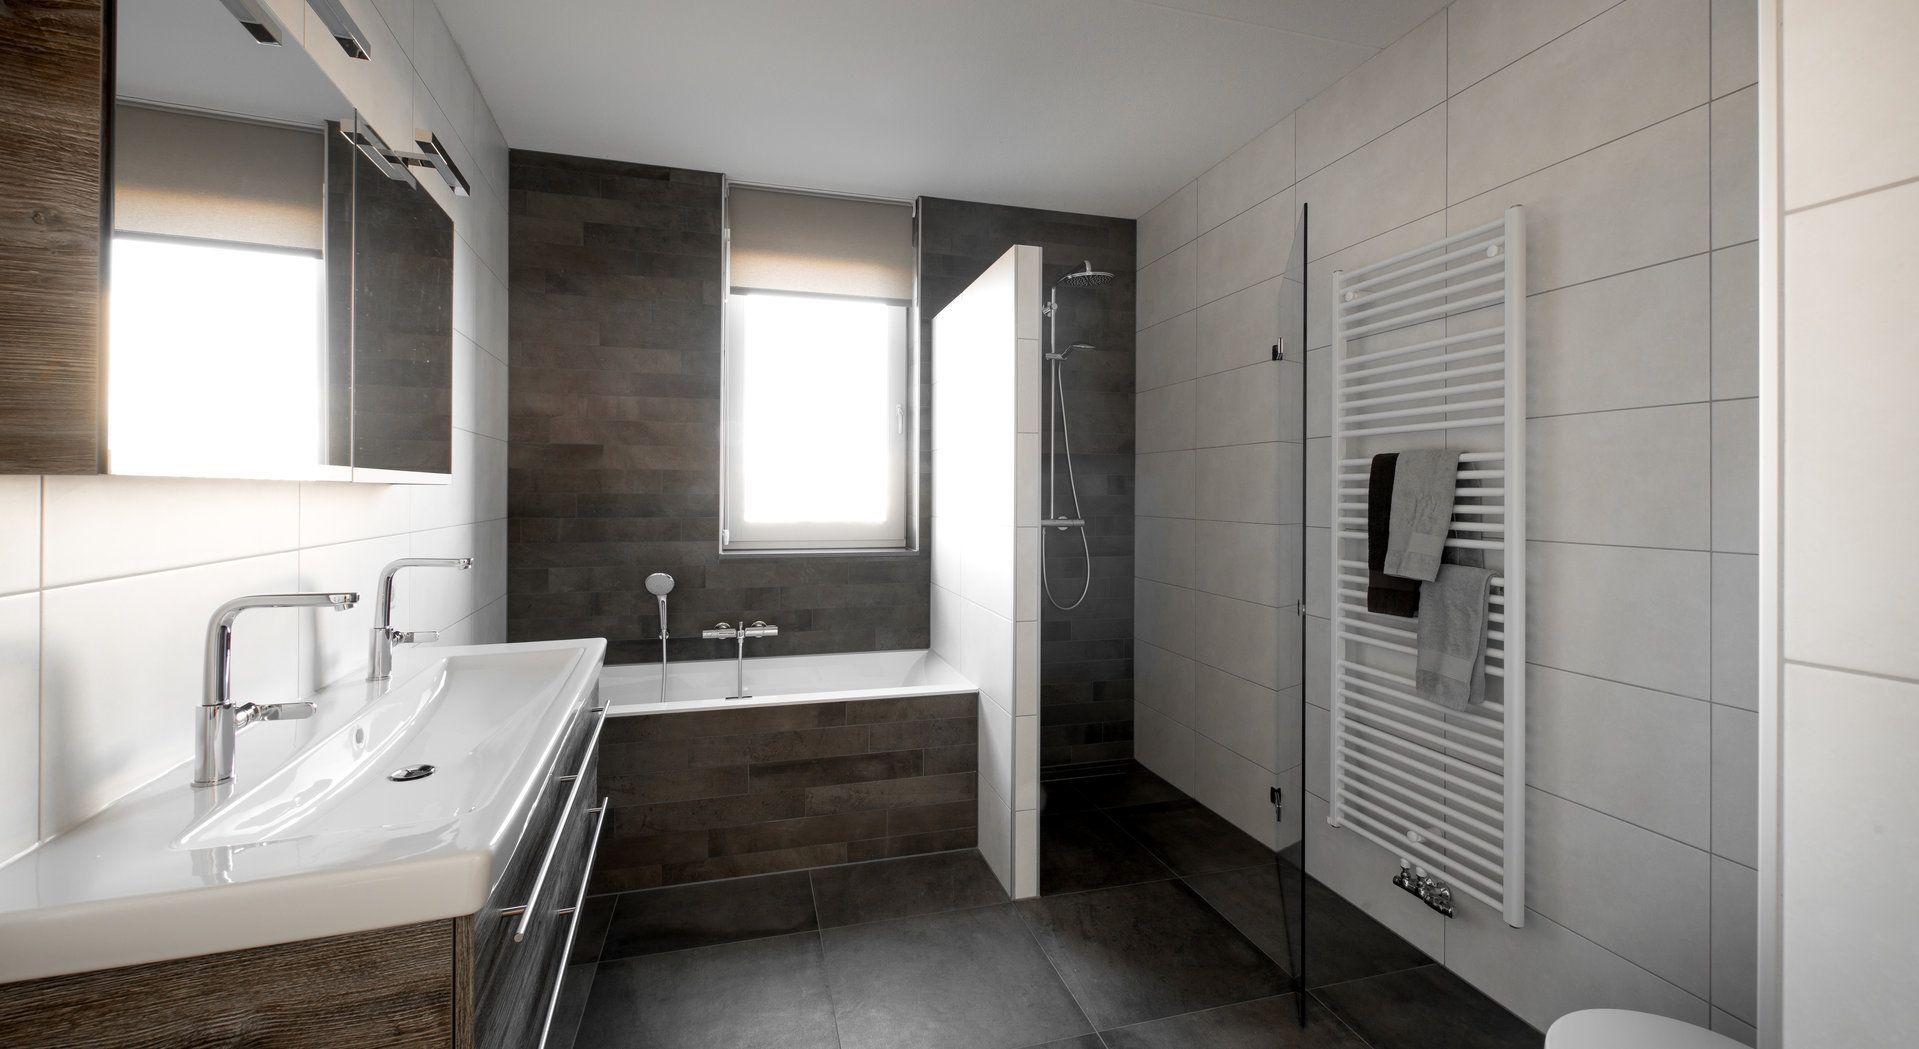 Betonlook badkamer van Middelkoop   Klantervaringen Middelkoop ...